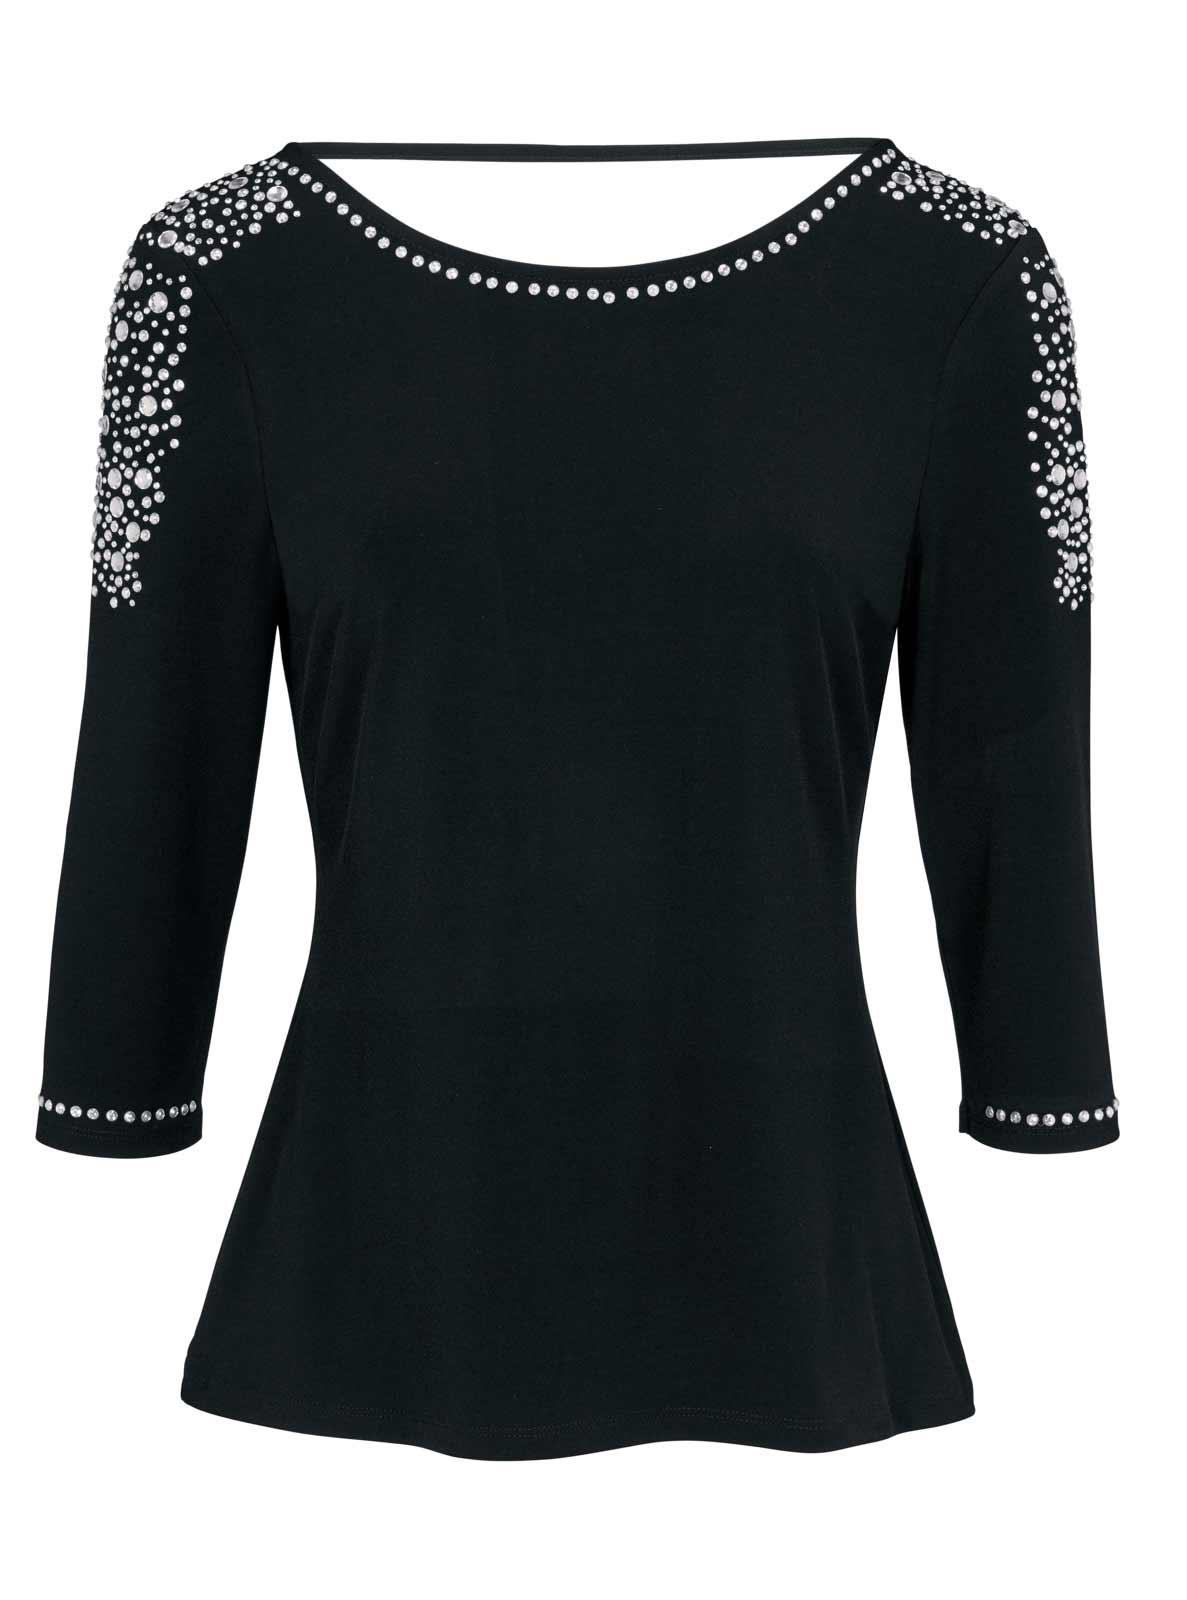 365.215 HEINE Damen Designer-Shirt m. Strass Schwarz